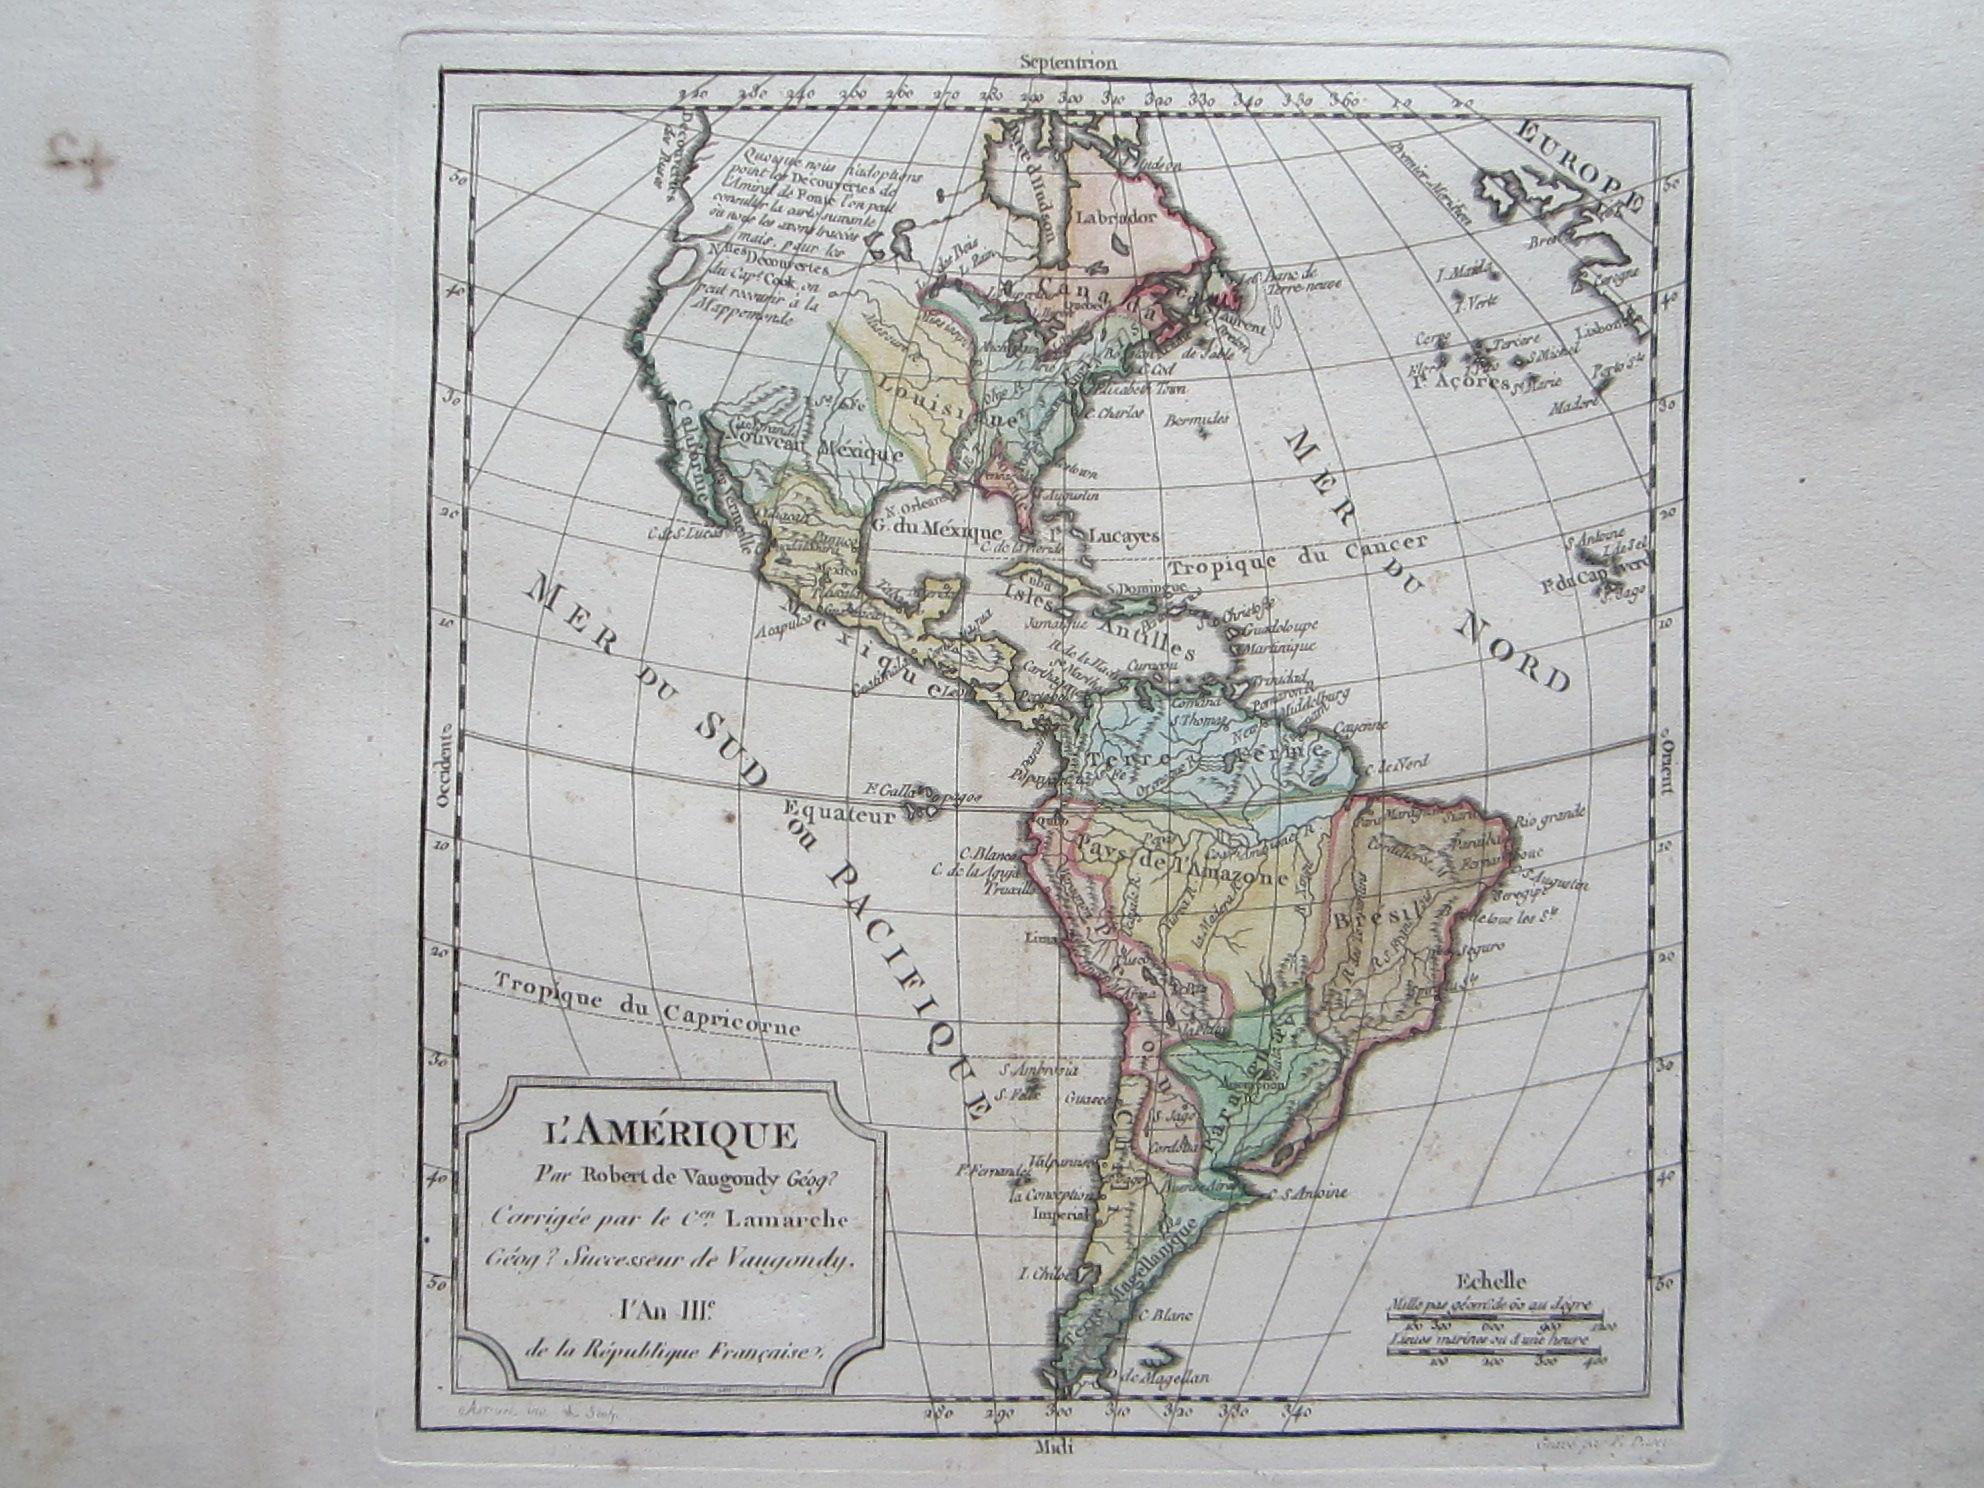 L'Amerique par Robert de Vaugondy Géog? Corrigée par le Cen. Lamarche Géog? Successeur de Vaugondy l'An IIIe de la Republique Française. (photo 2)